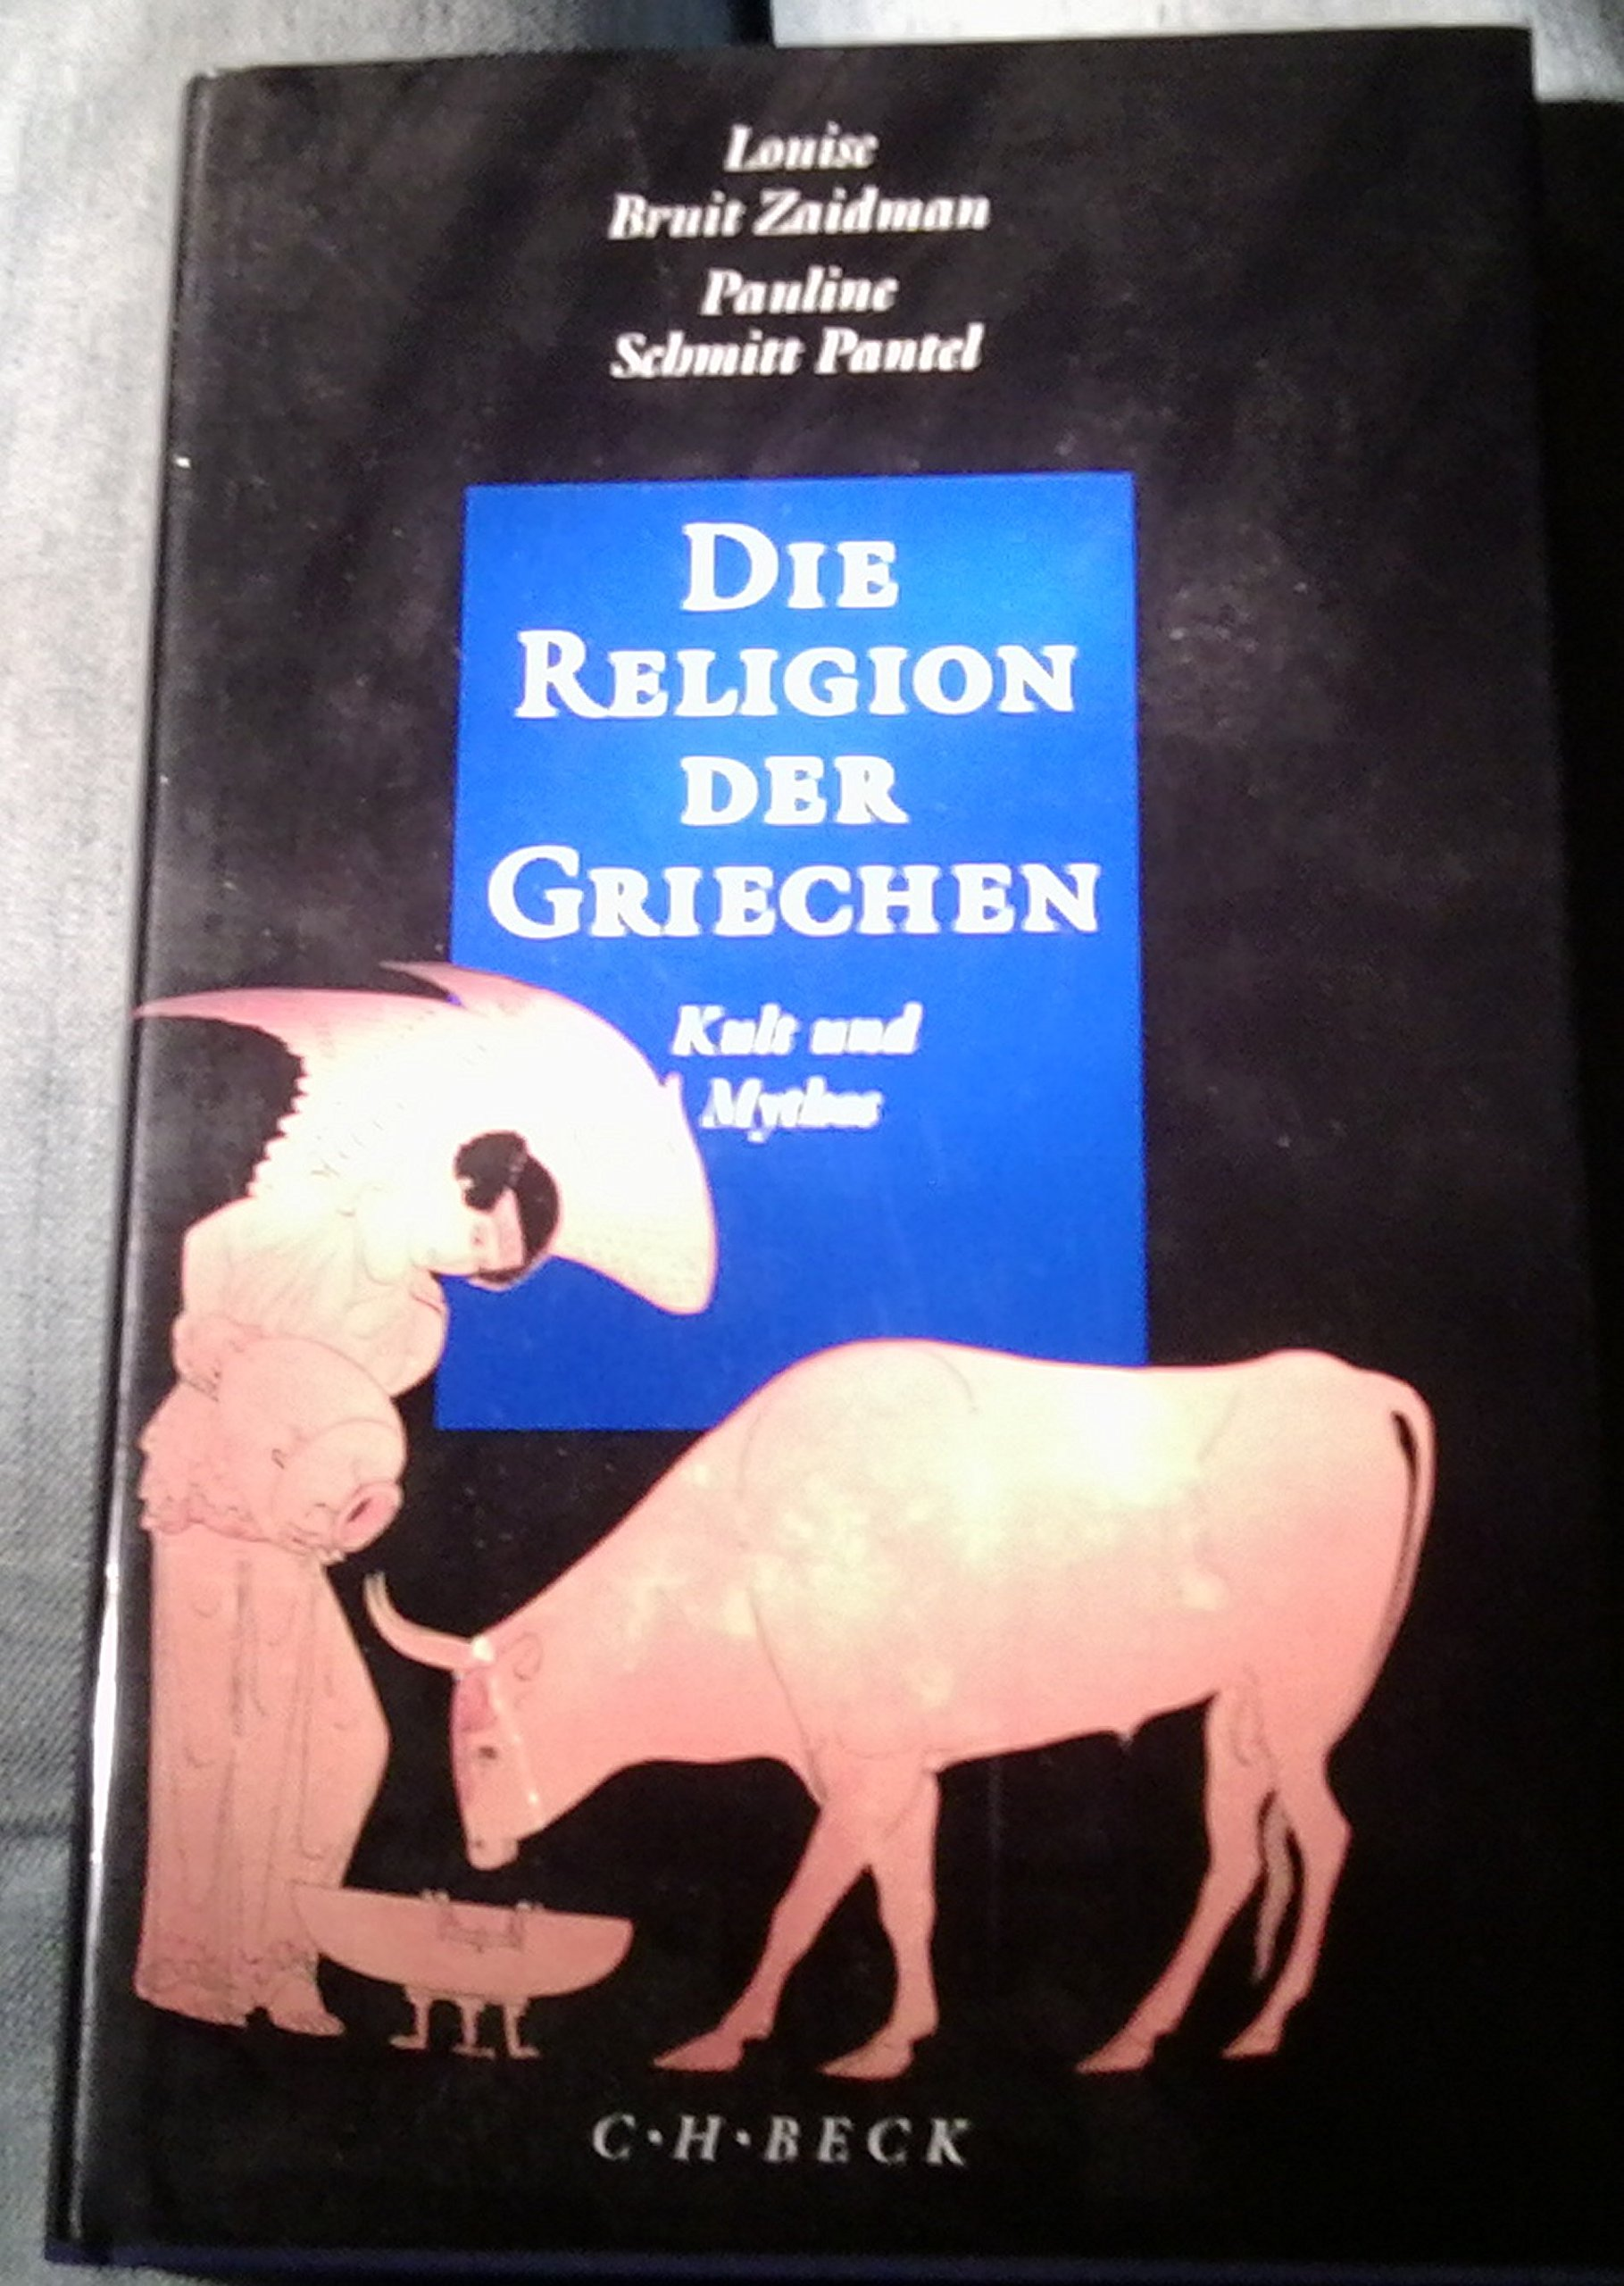 Die Religion der Griechen